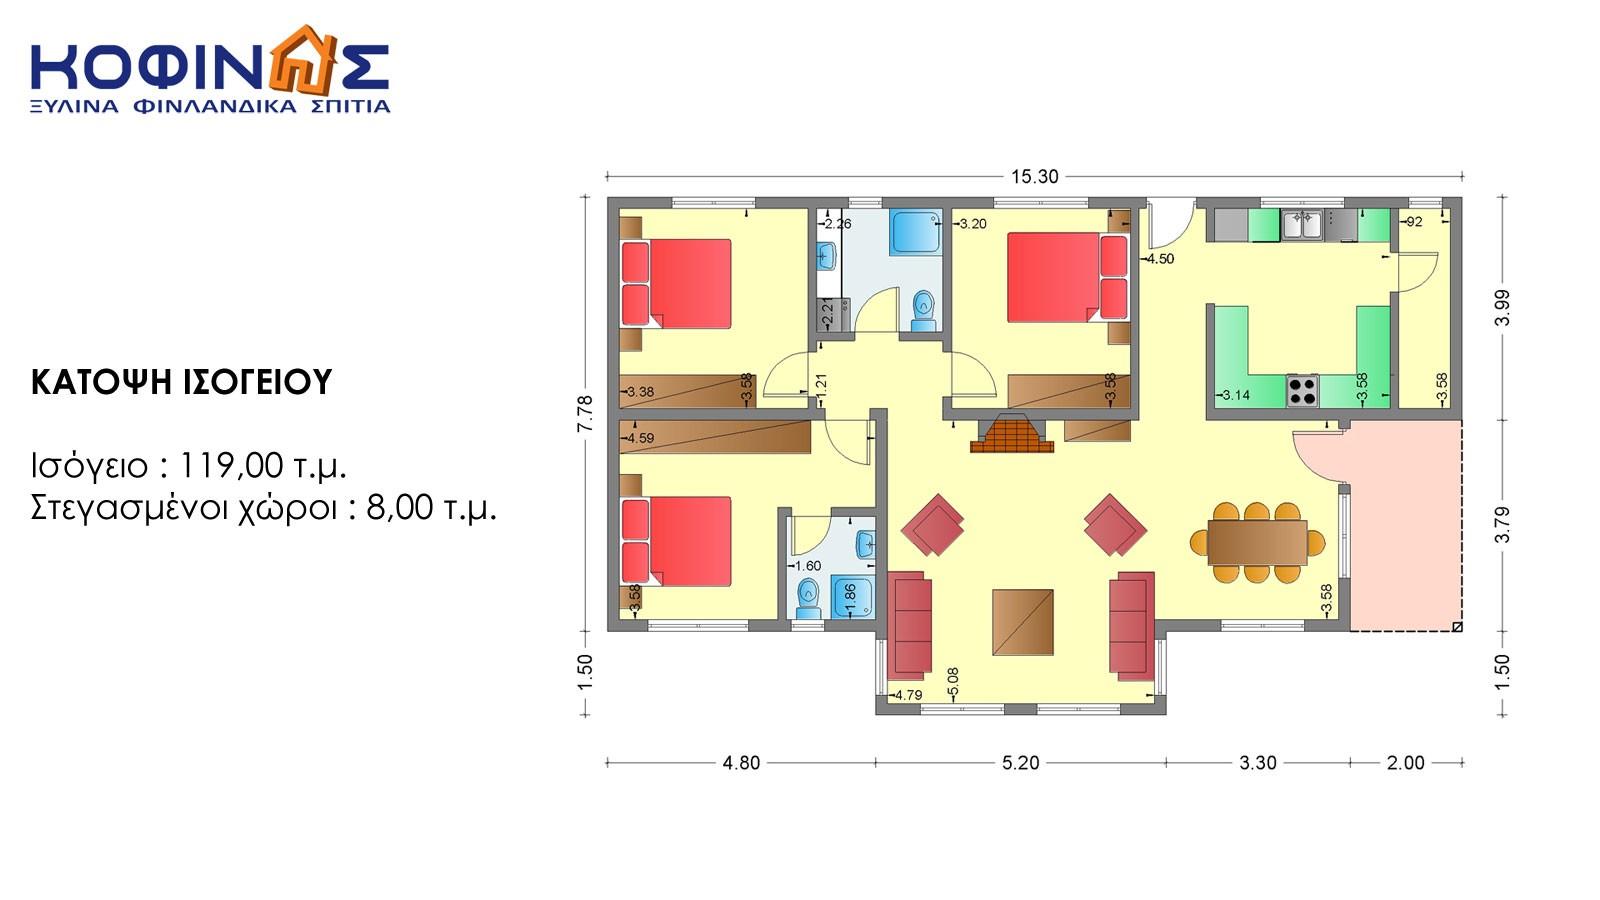 Ισόγεια Ξύλινη Κατοικία XI-119, συνολικής επιφάνειας 119 τ.μ.